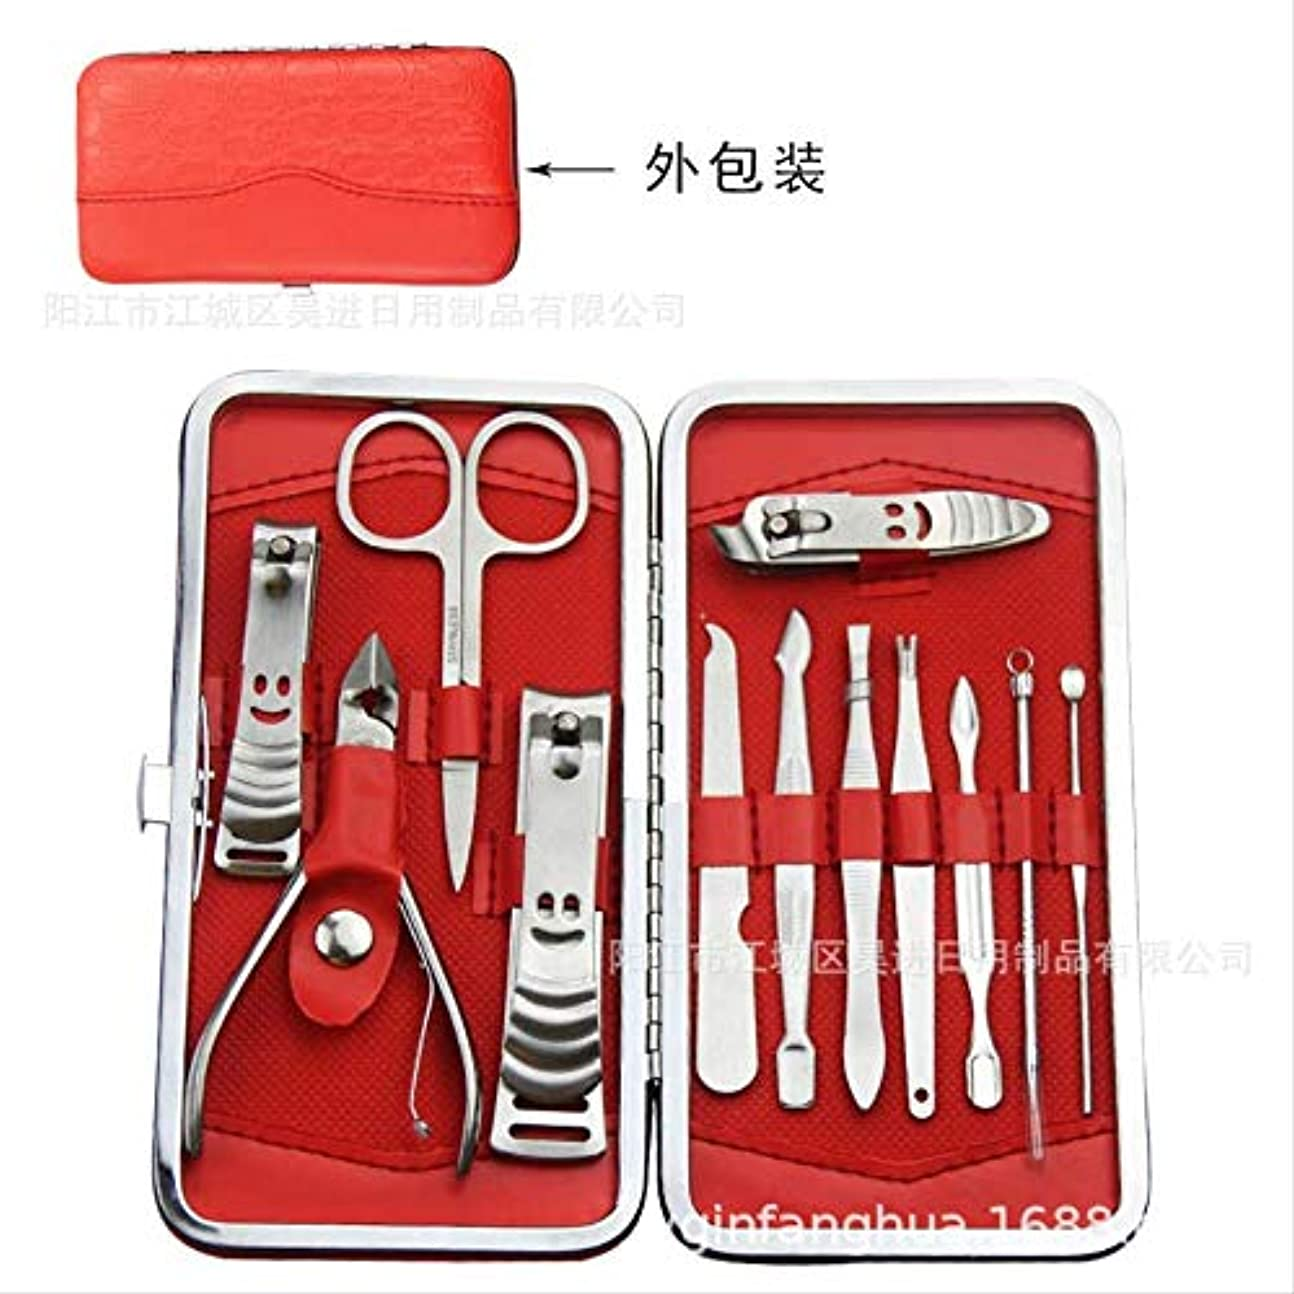 と組む略す銛爪切りセット12ステンレス鋼爪切りセット美容マニキュアツール爪切り爪やすり 新しい正の赤いステンレス鋼12ピースセット